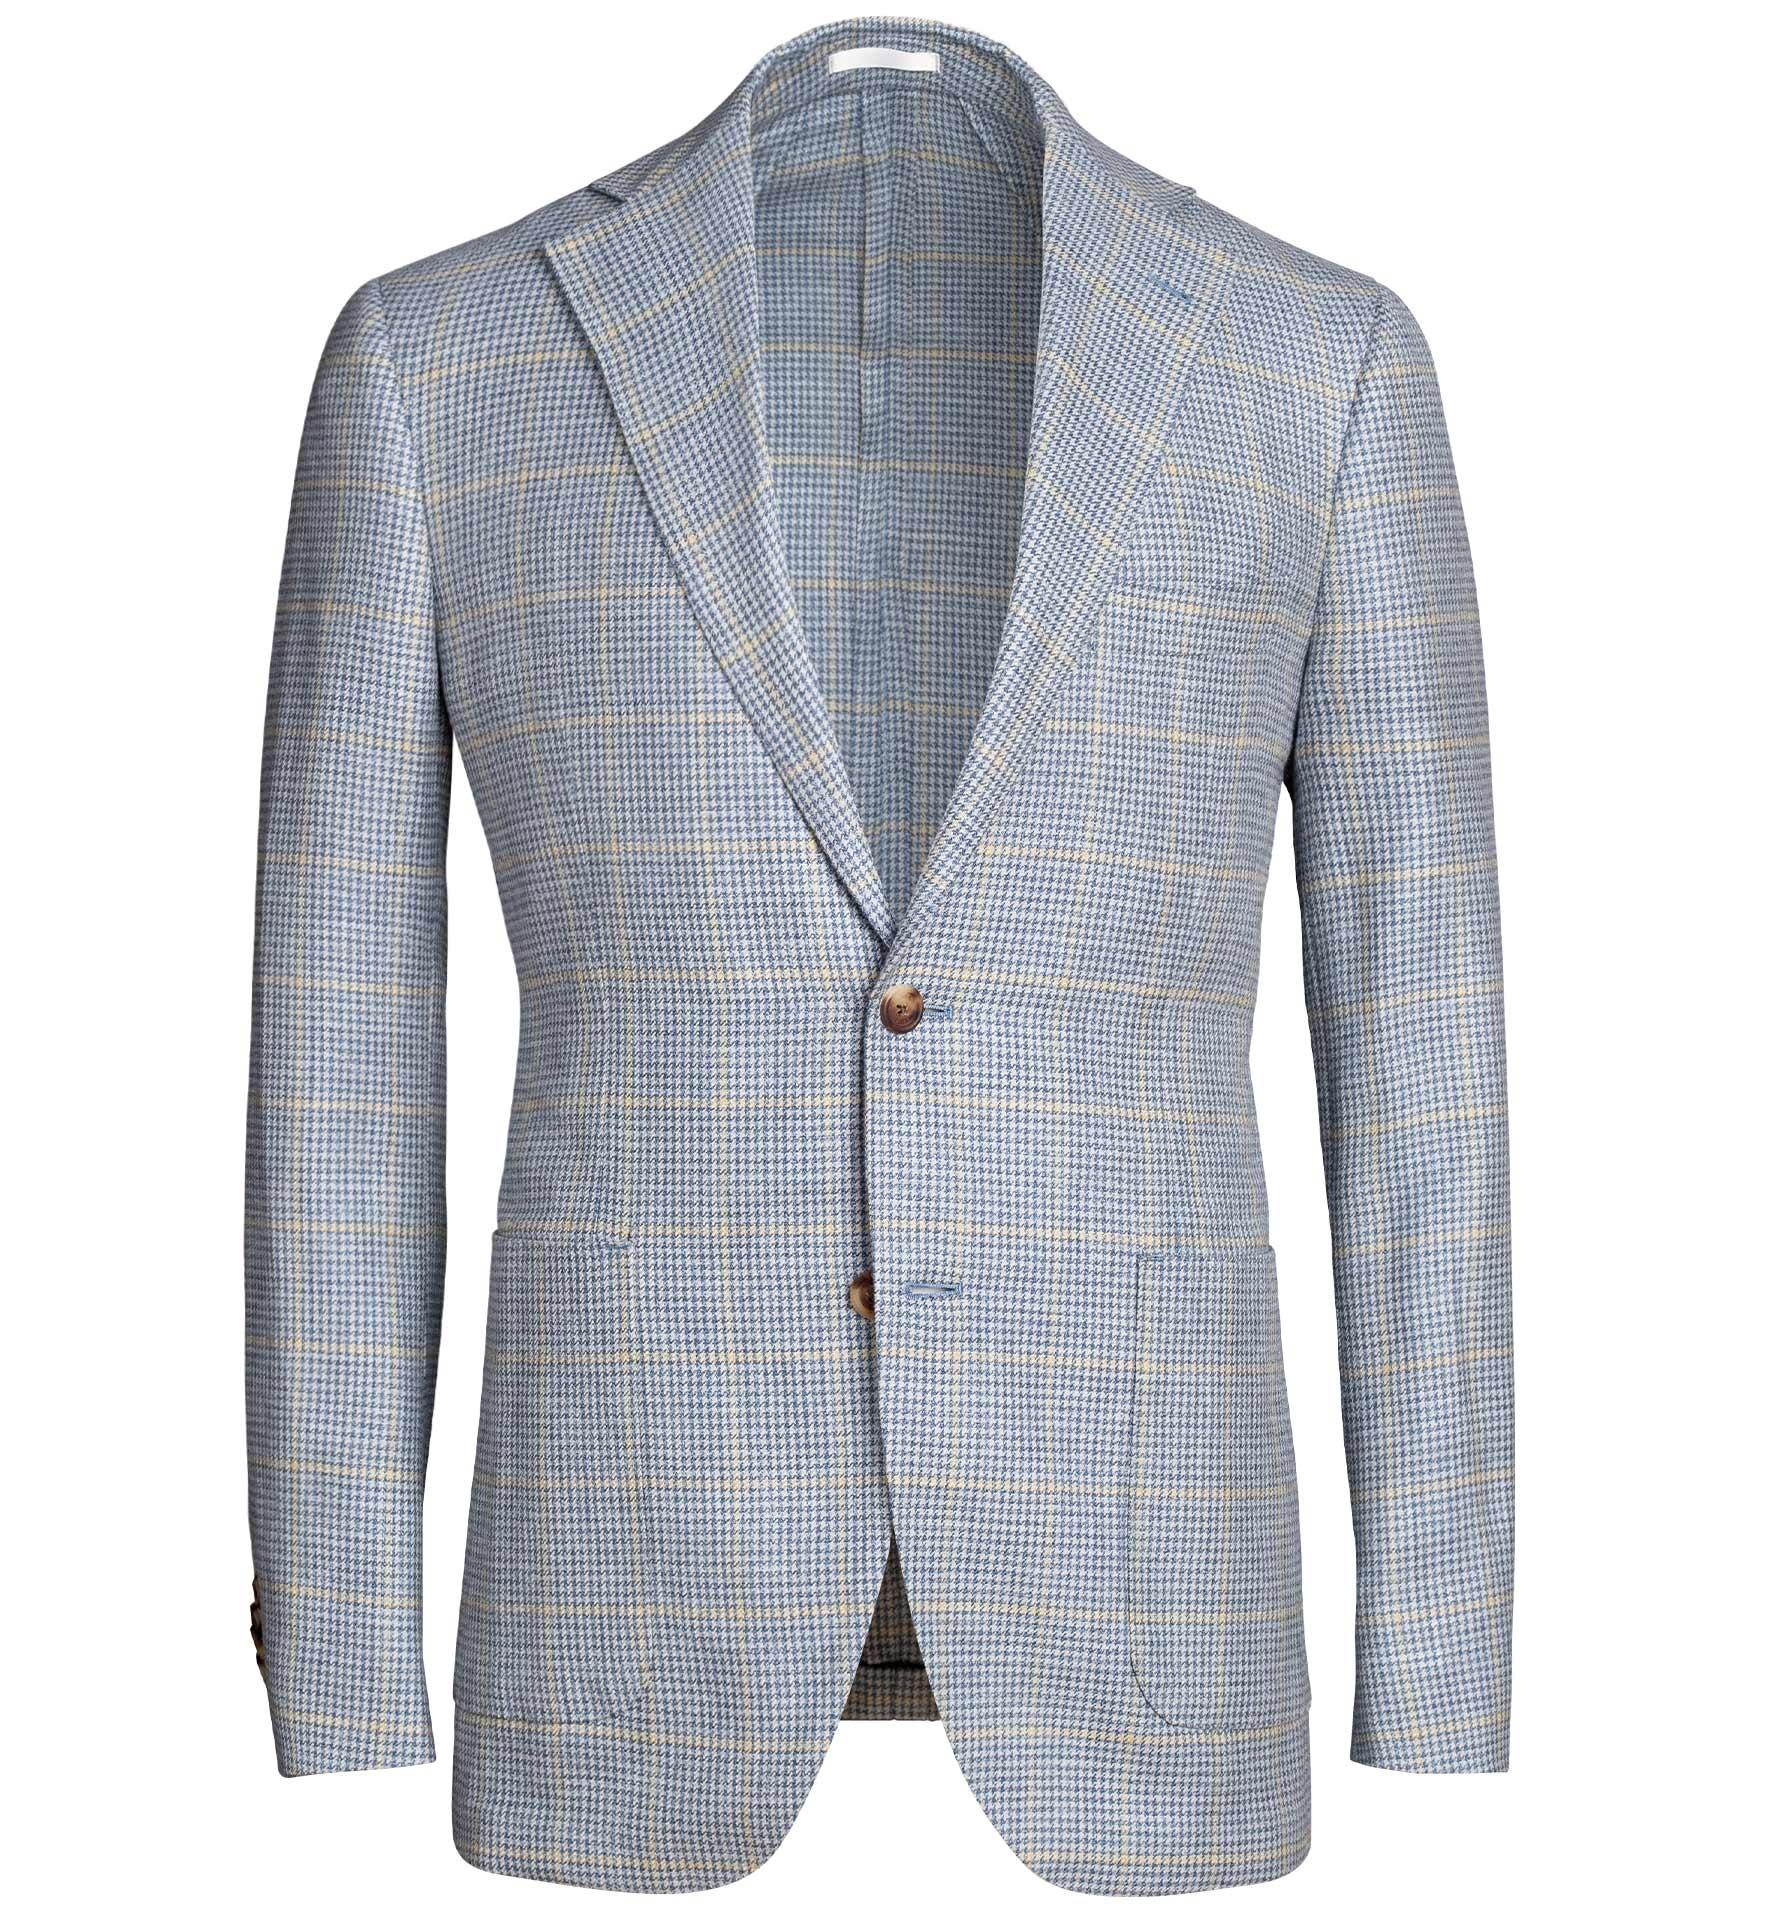 Zoom Image of Bedford Light Blue Houndstooth Plaid Summer Blend Jacket